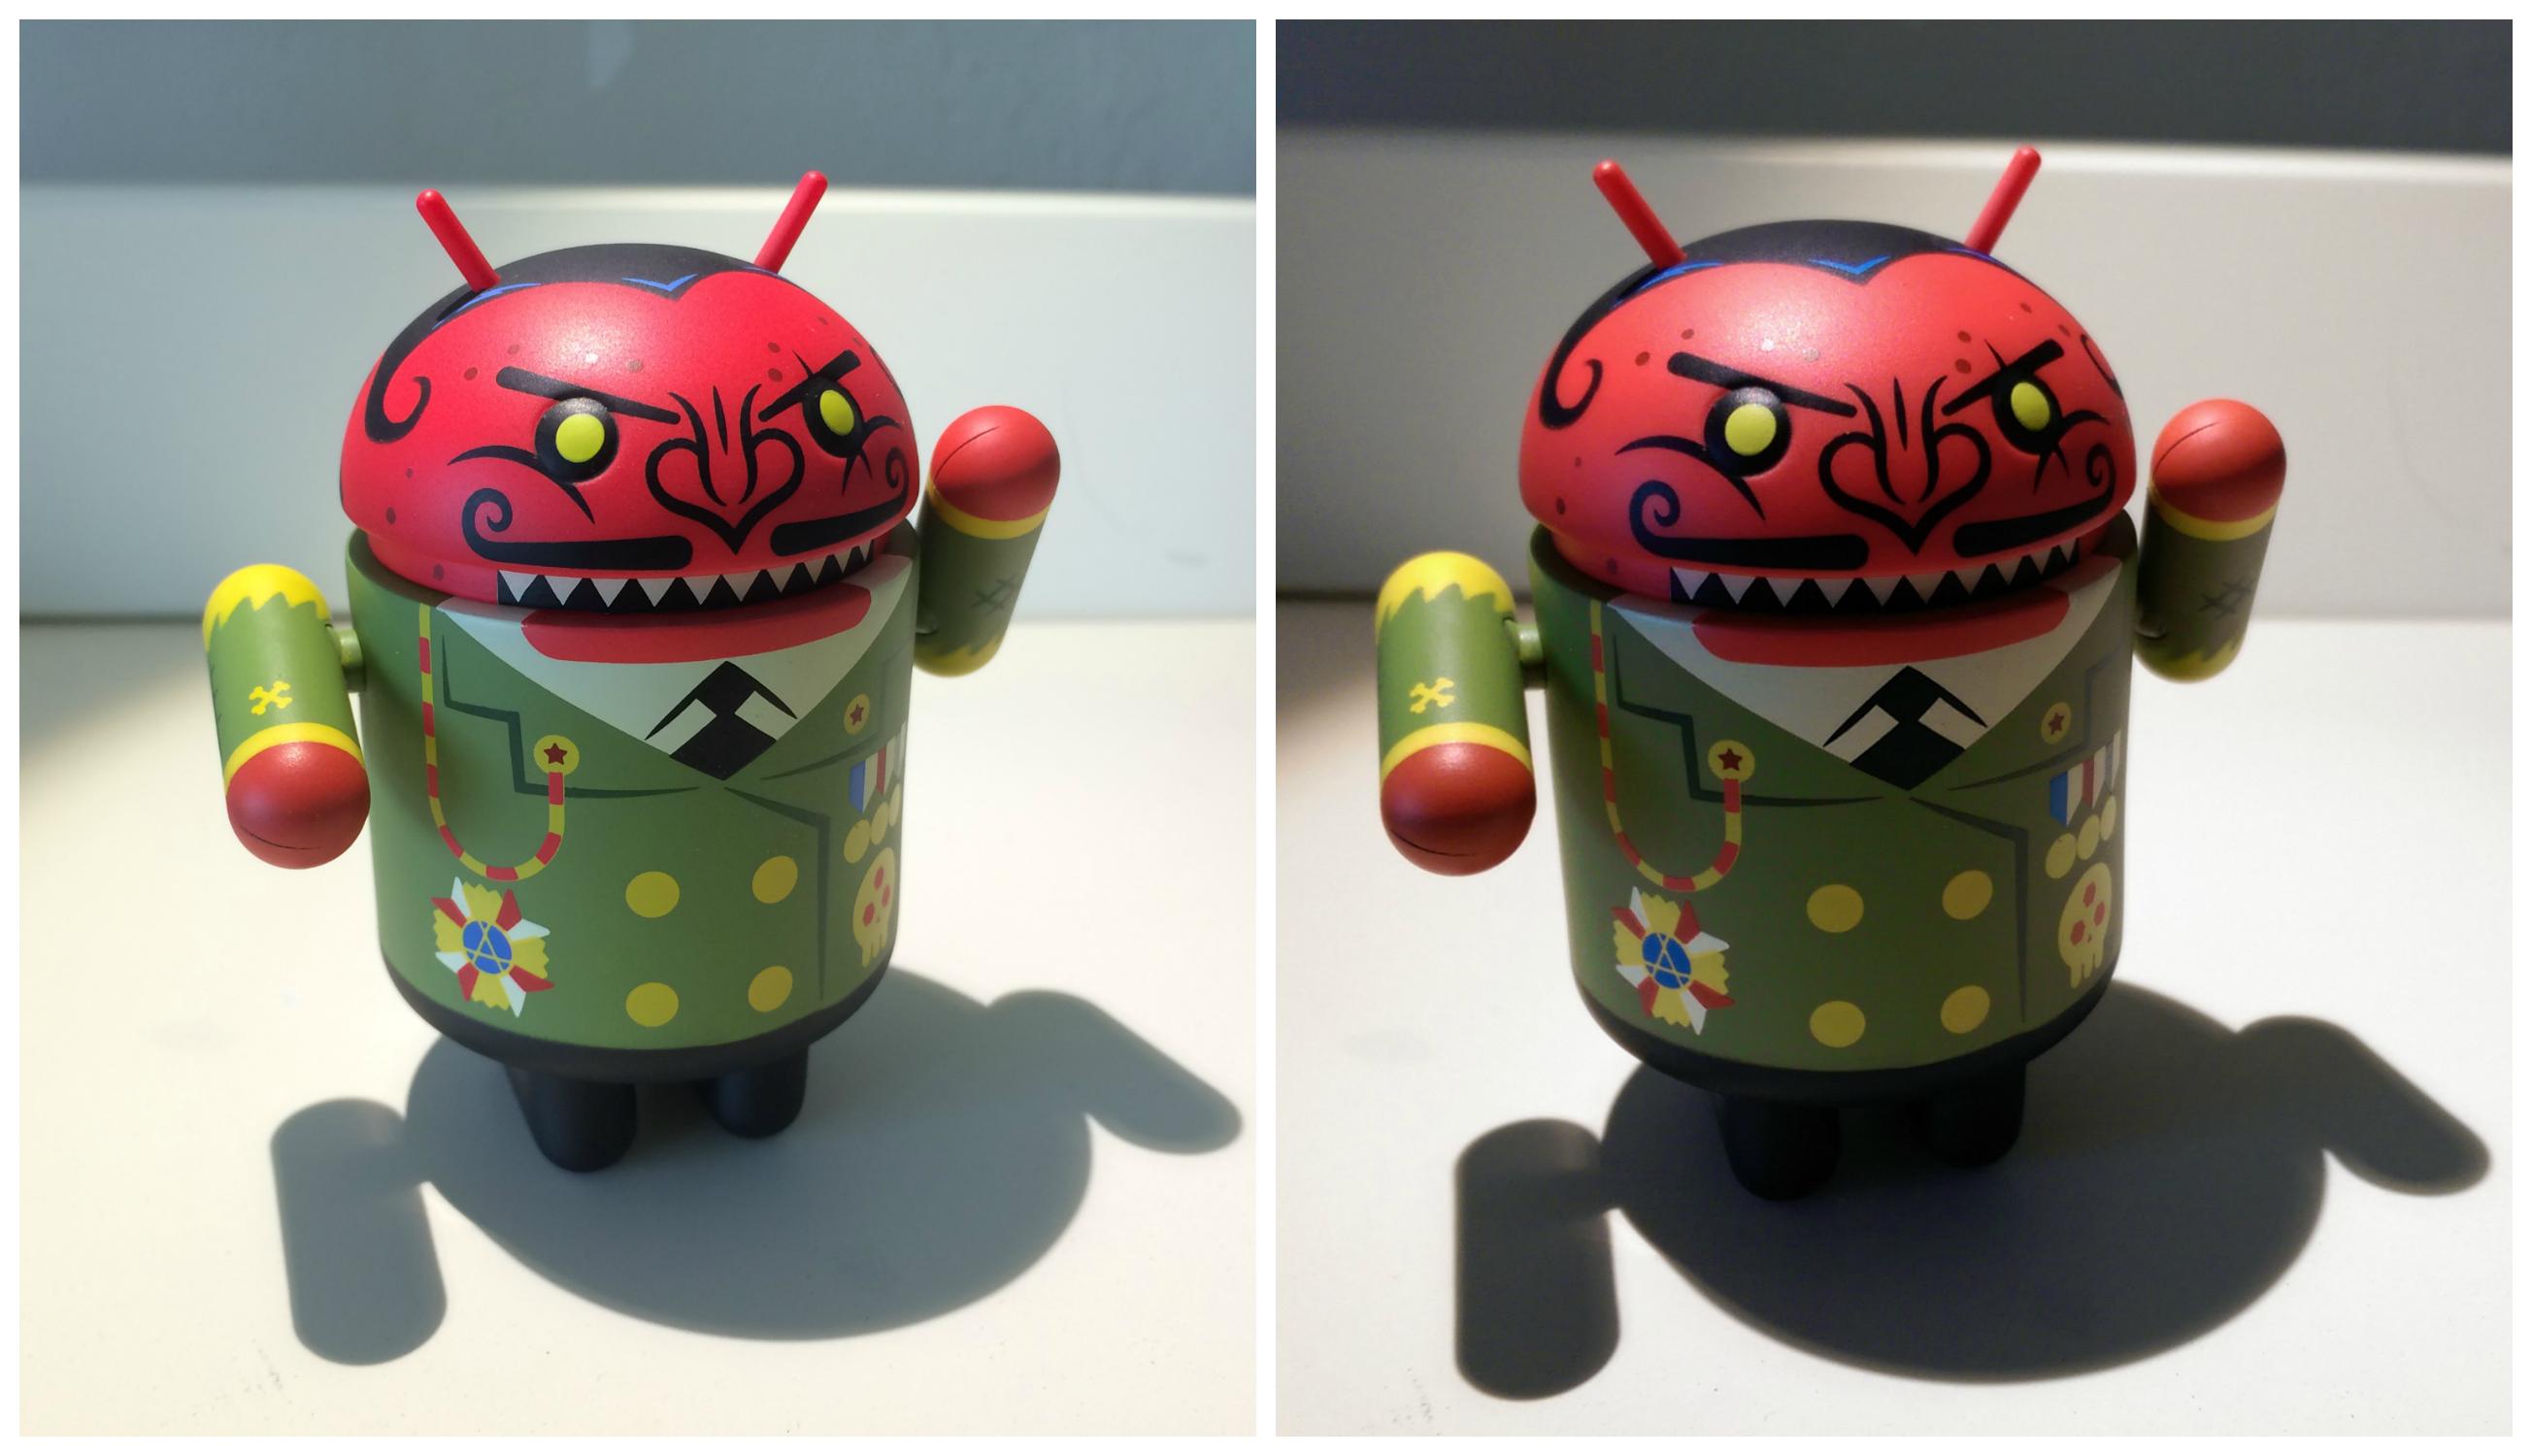 htc one m8 camera vs iphone 5s. htc one m8 vs iphone 5s diktator htc camera iphone 8